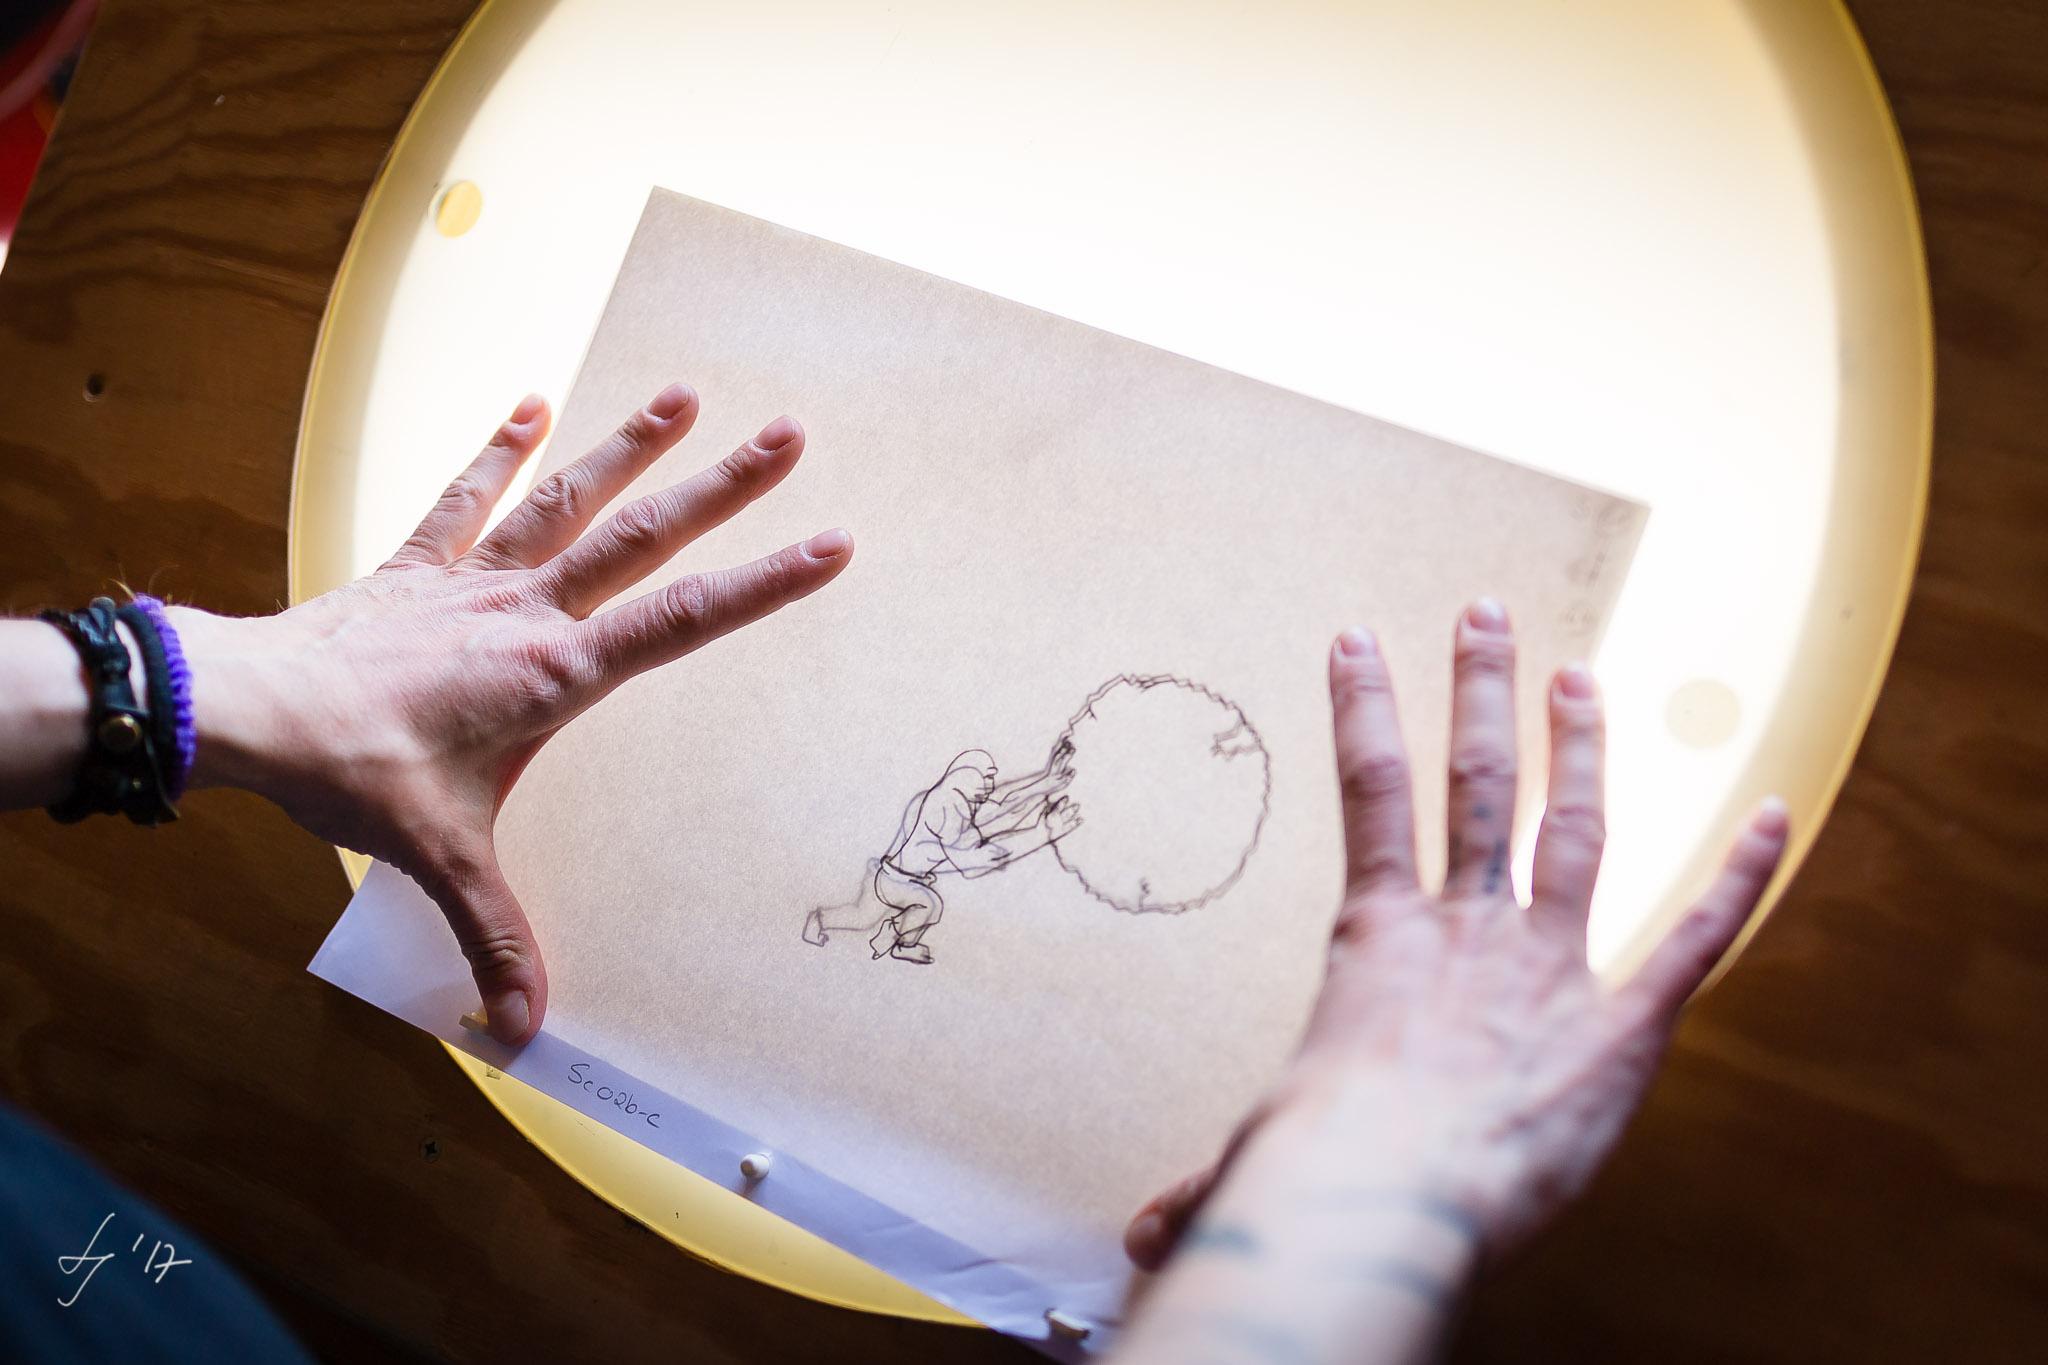 Zeichnen am Leuchttisch. Künstlerportrait in Hennef. LS Photographie Düren.